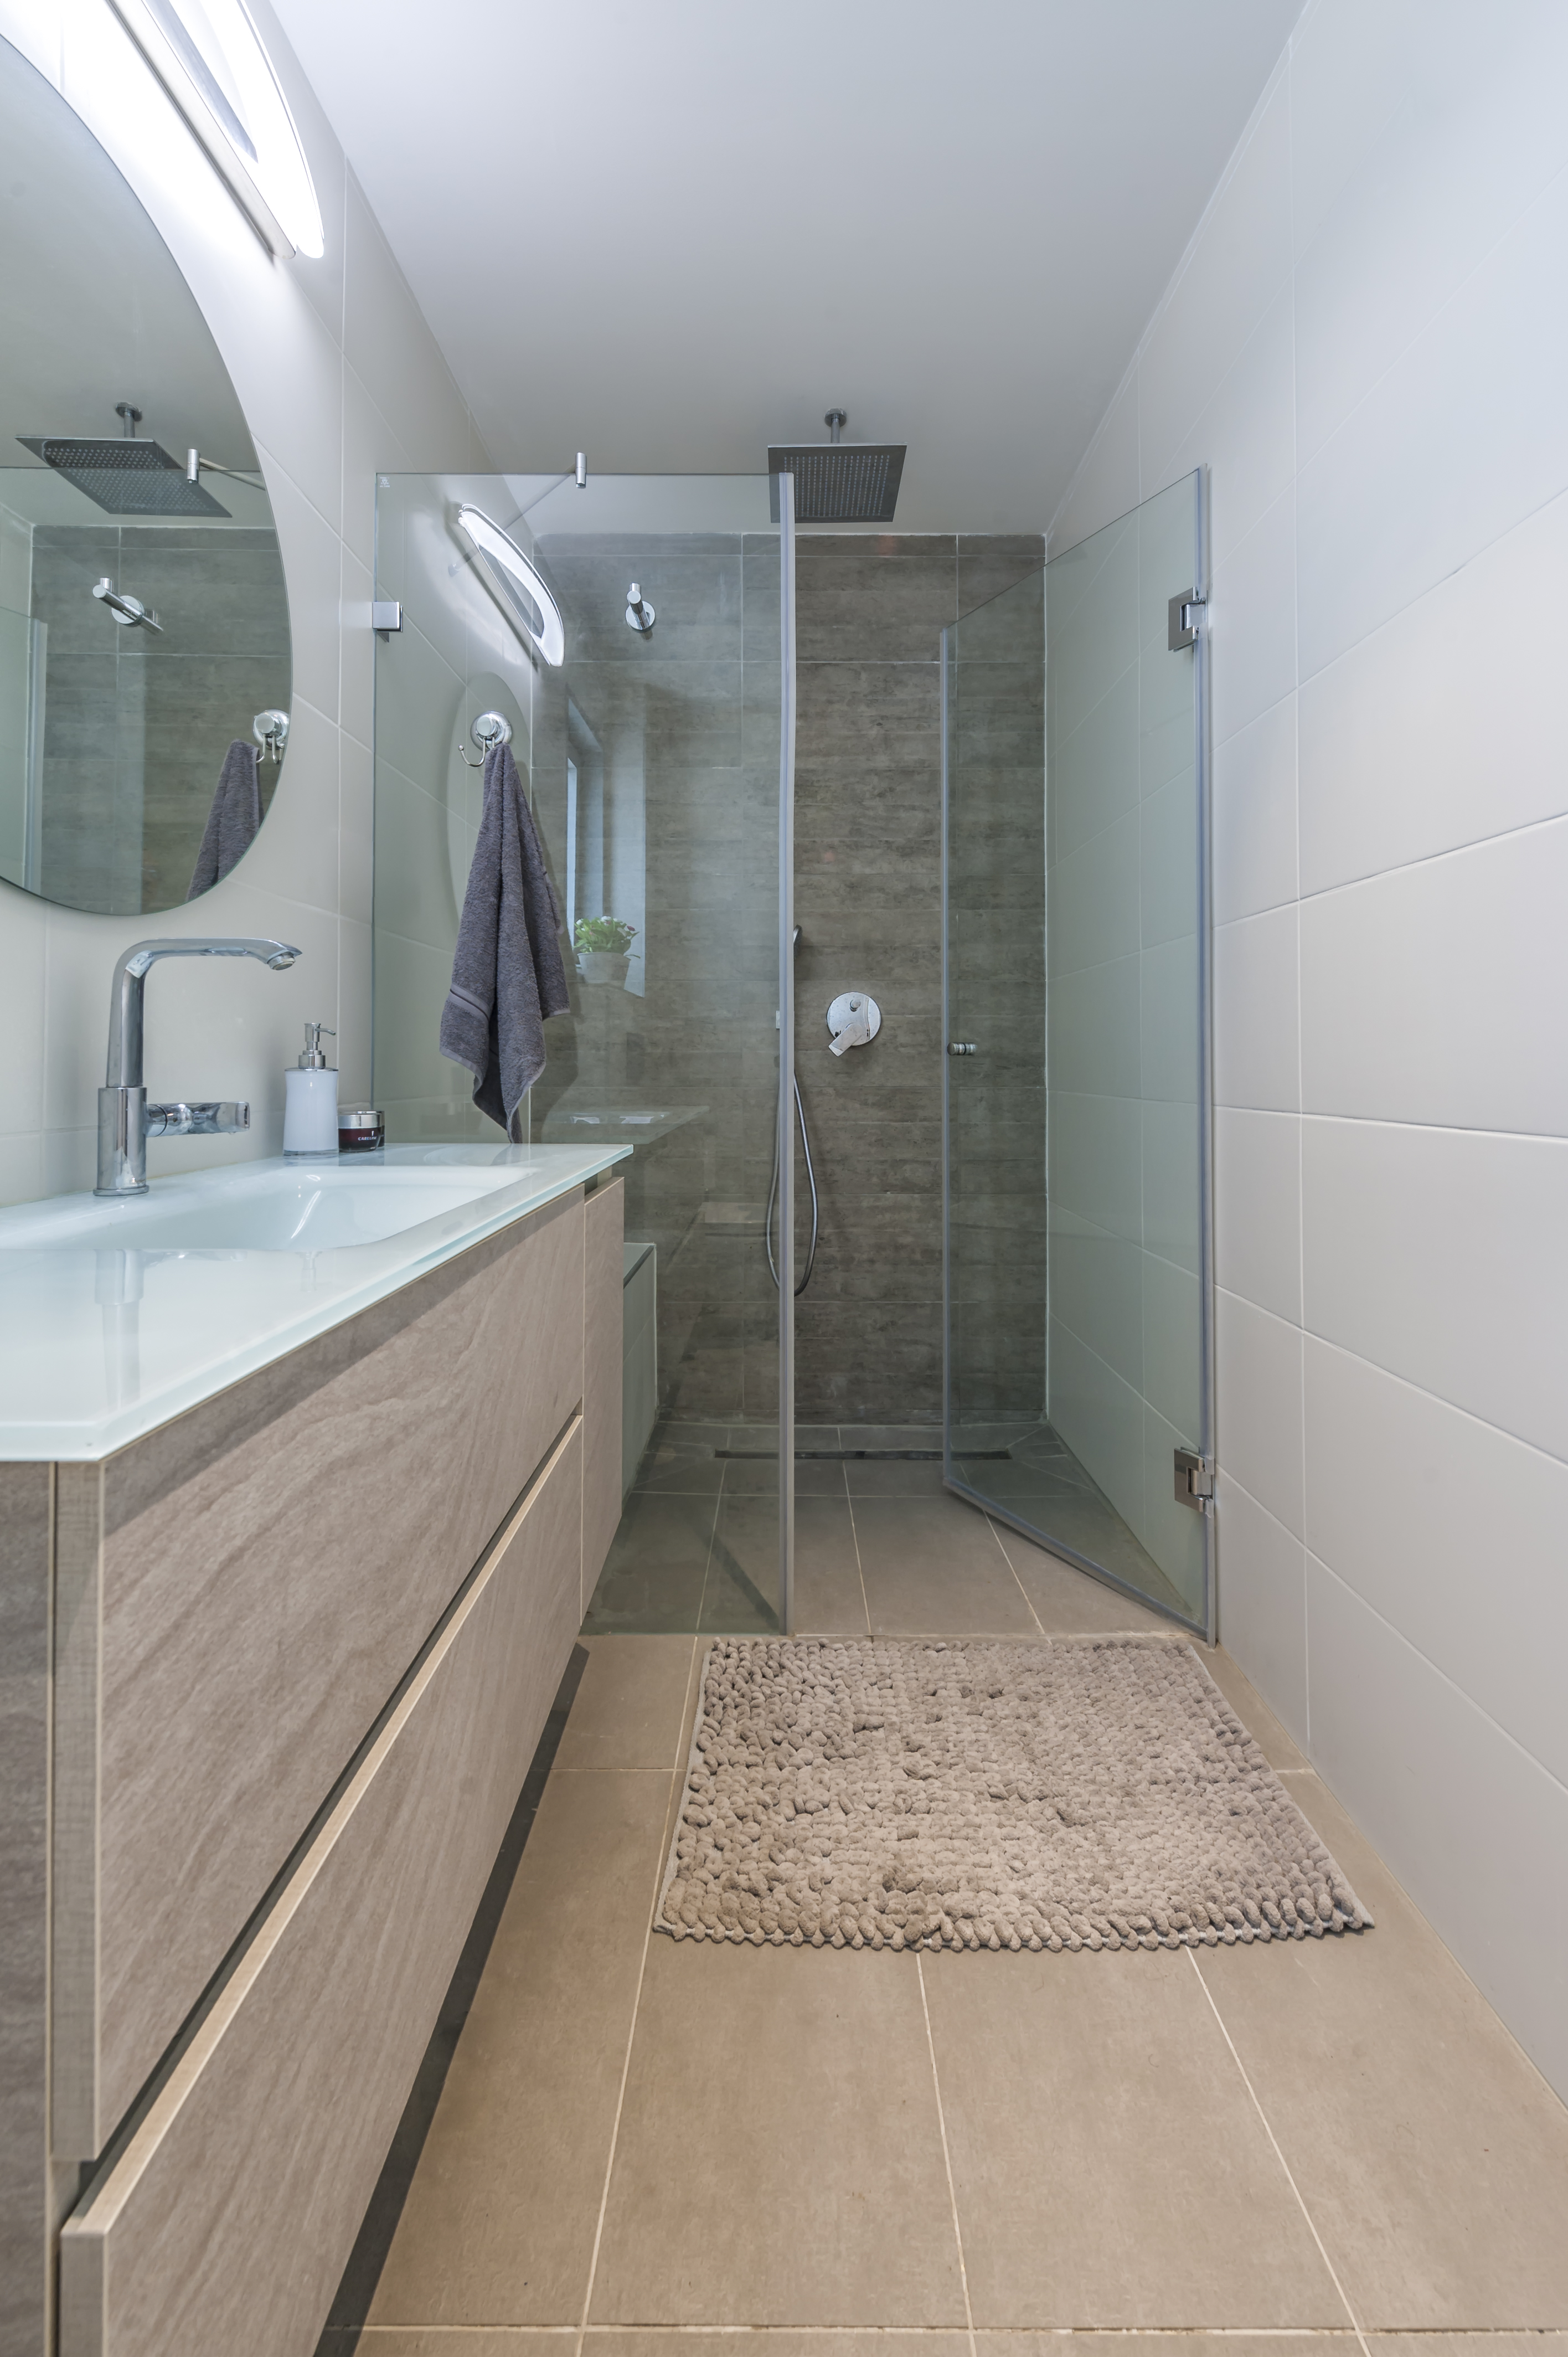 מקלחת הורים בעיצוב פנים מודרני קווים חלקים מגדילים את החלל